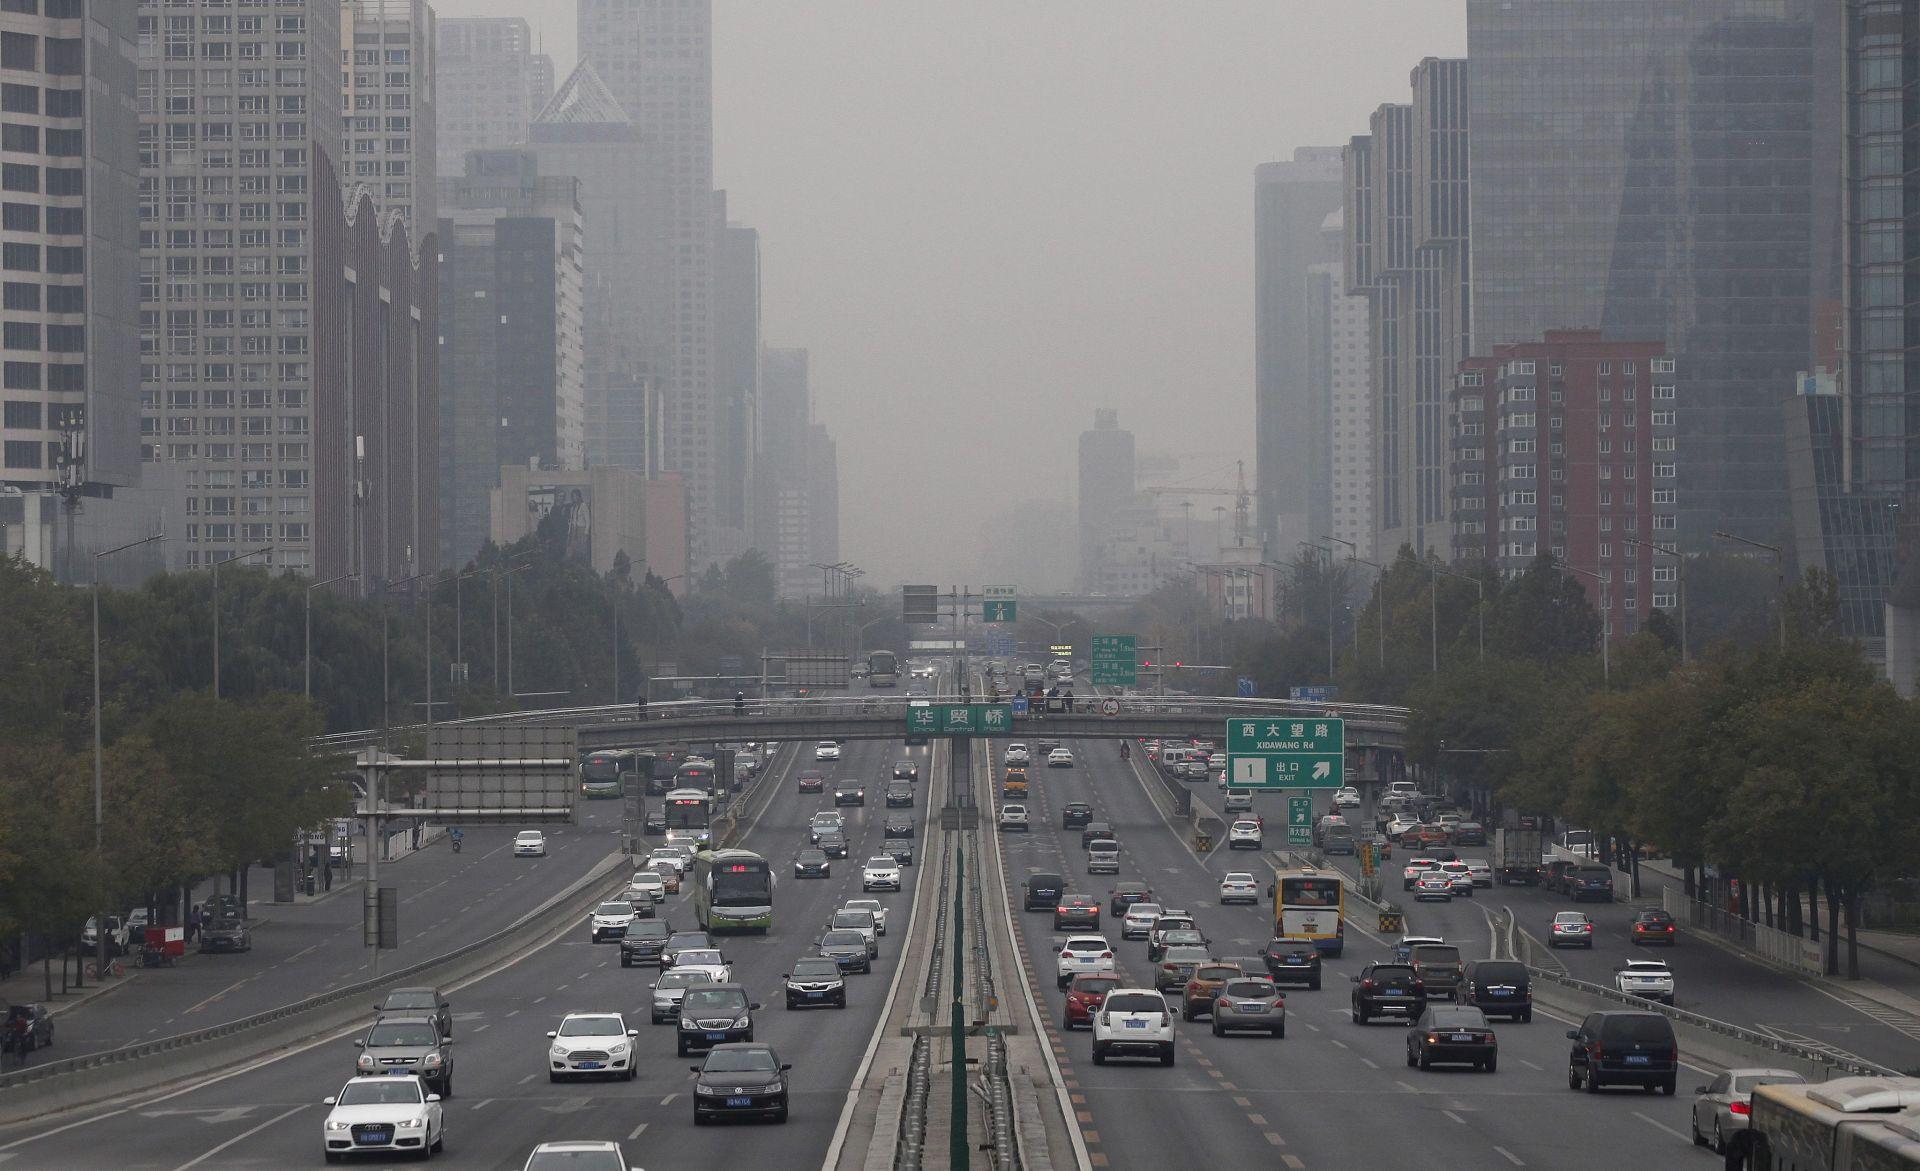 Prva 'crvena uzbuna' u Pekingu ove godine zbog smoga